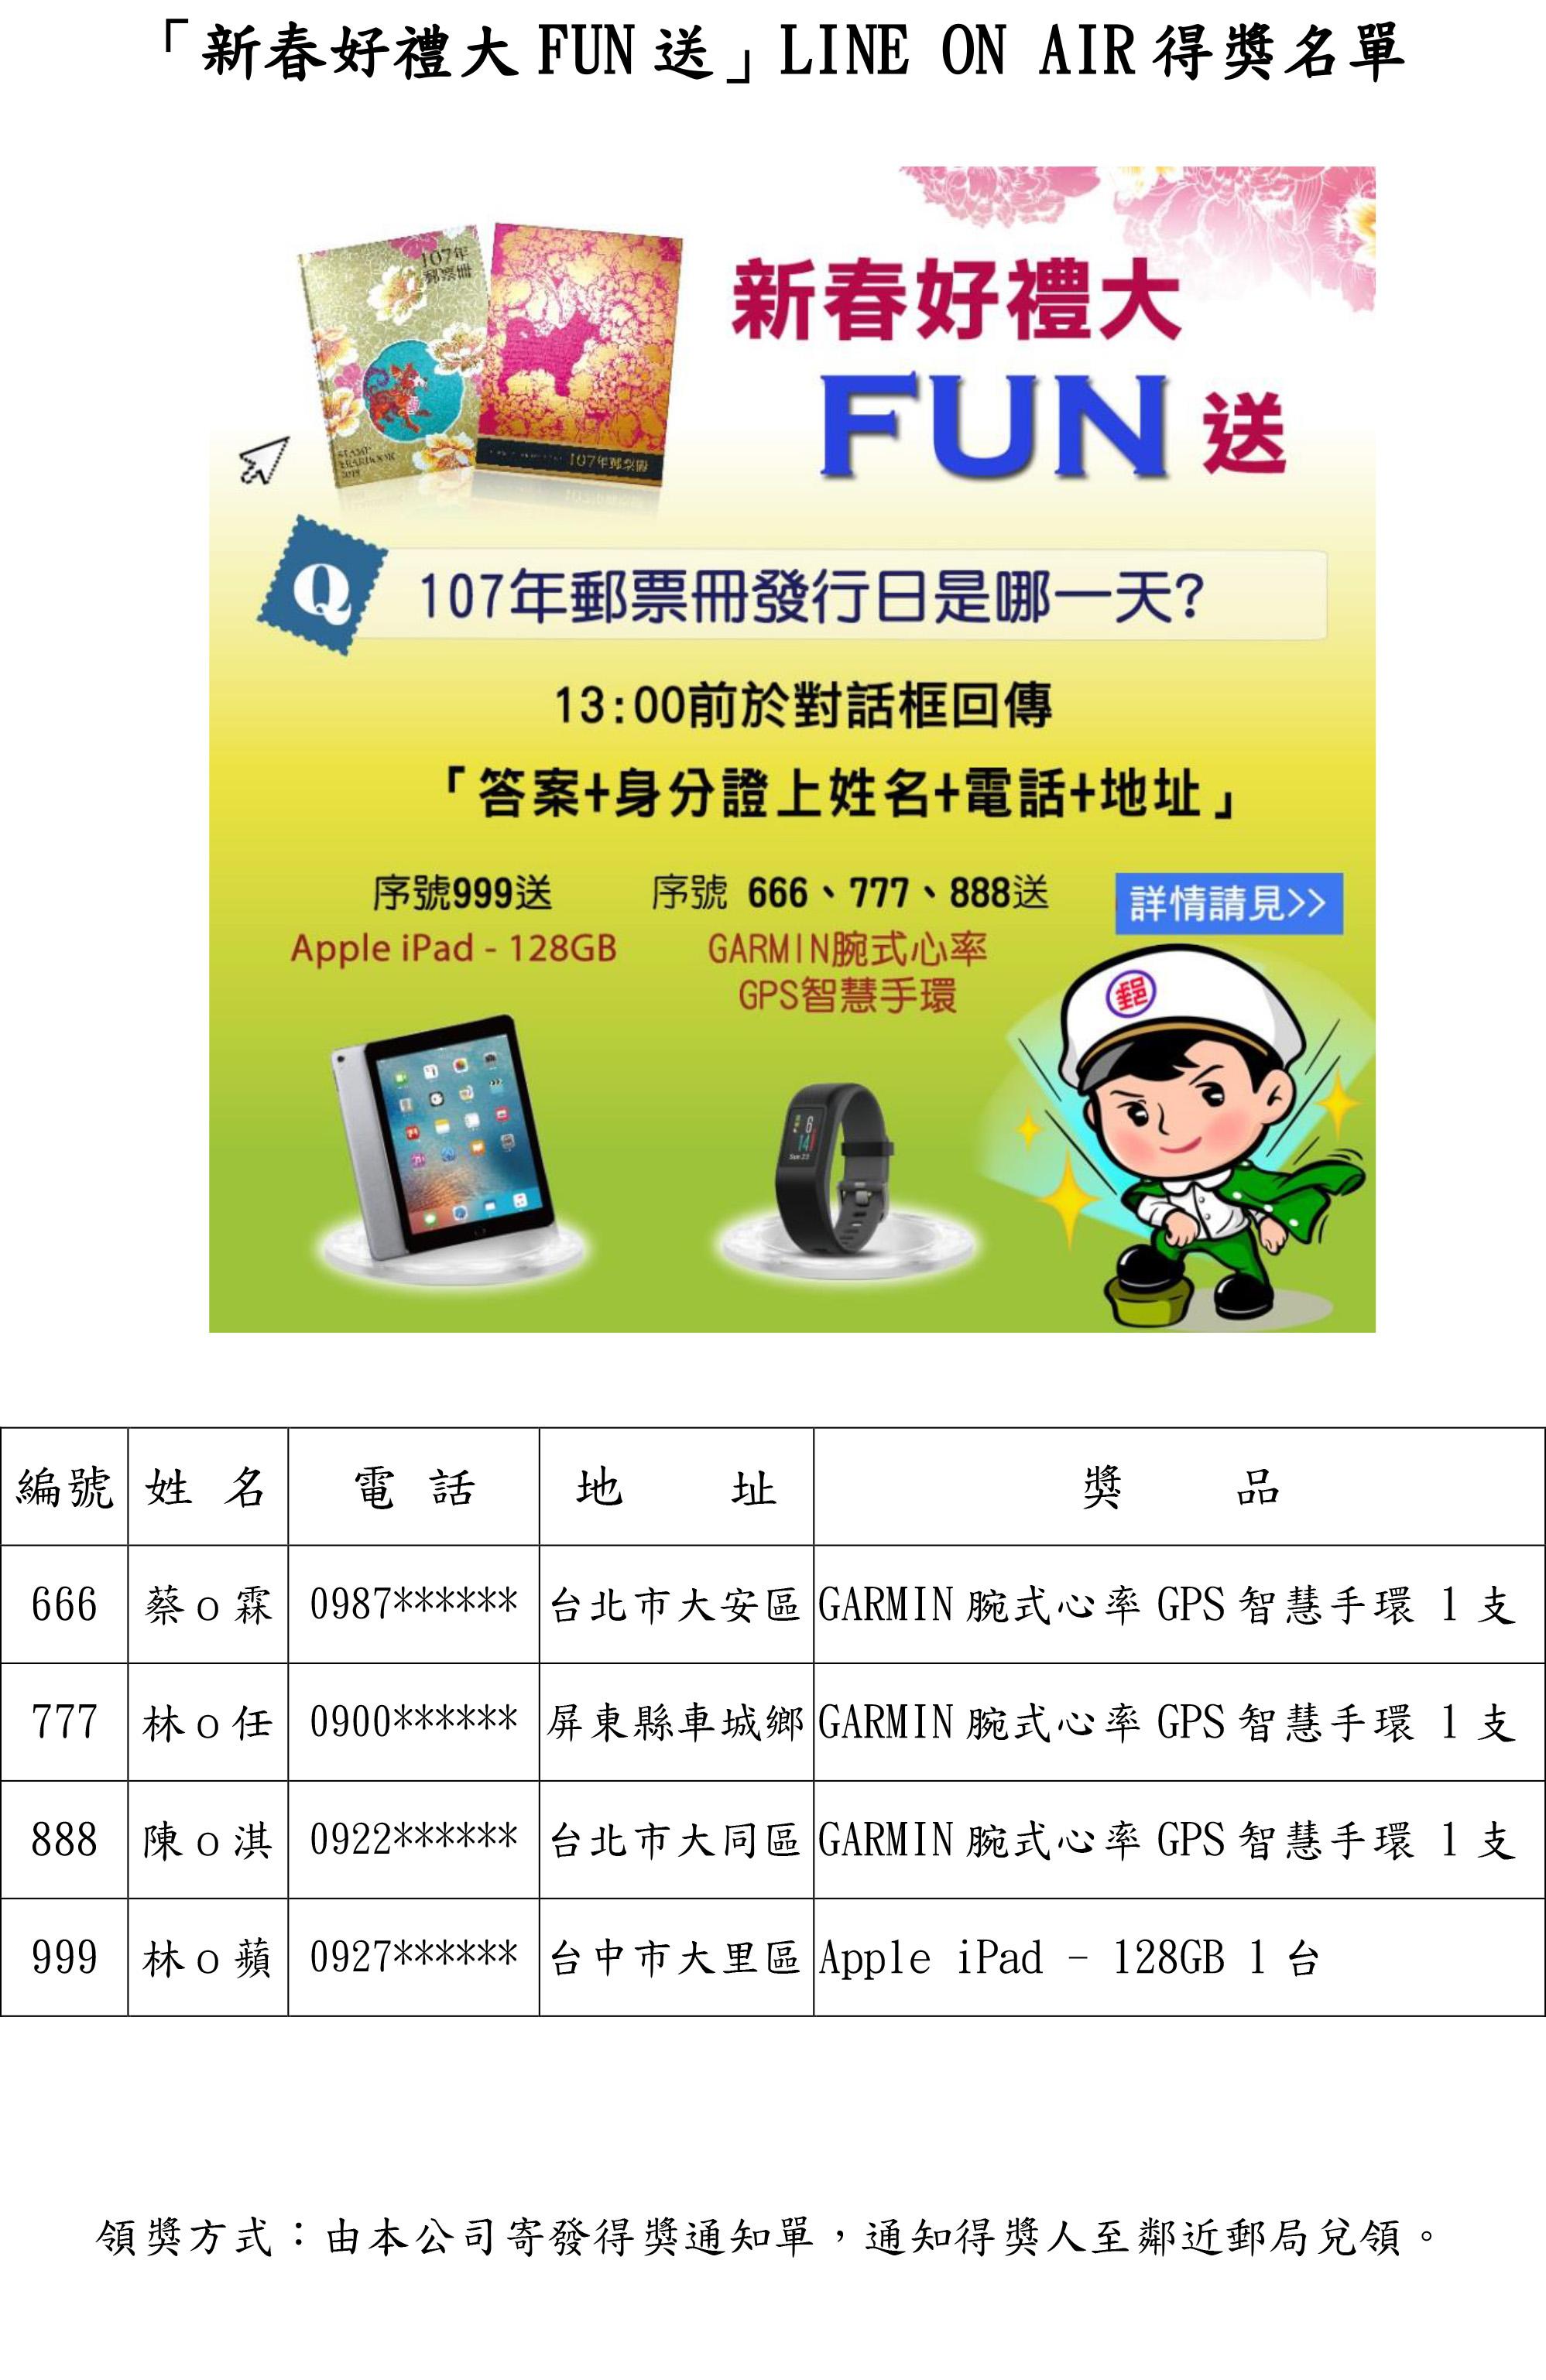 「新春好禮大FUN送」LINE ON AIR得獎名單